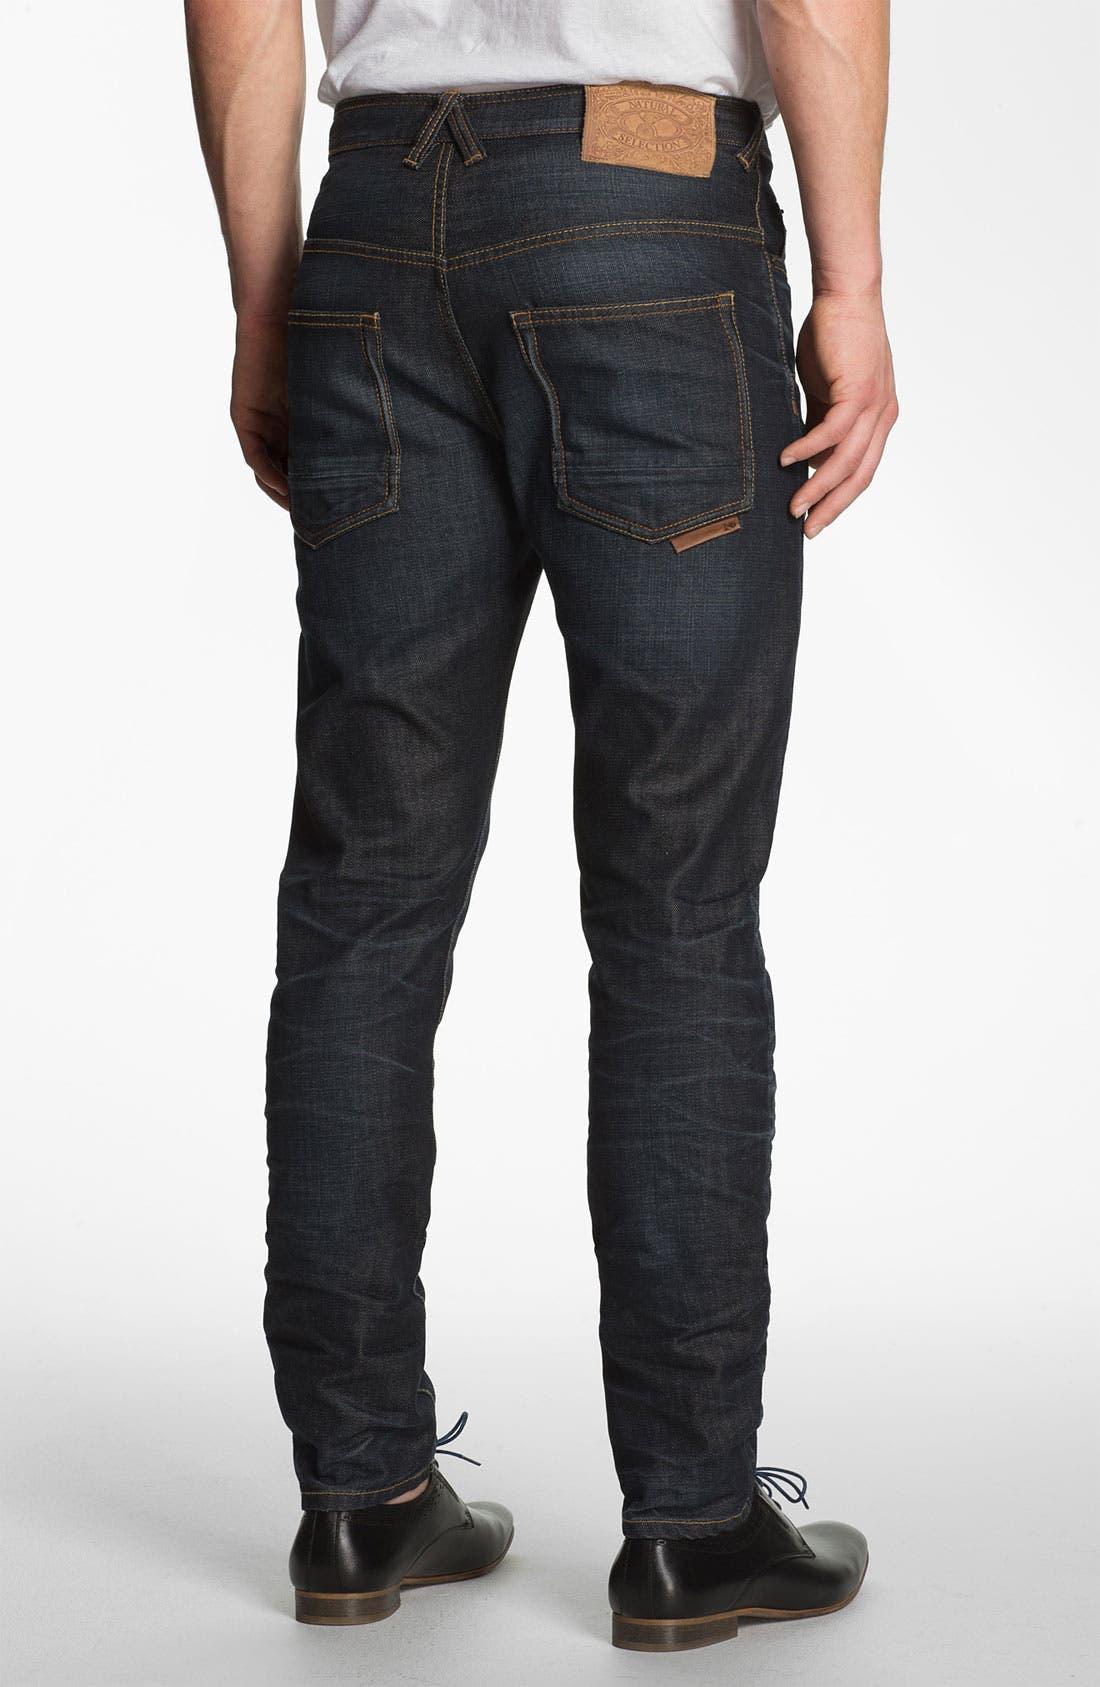 Main Image - Natural Selection Denim 'Bruised' Slim Carrot Fit Jeans (Blue Rain)